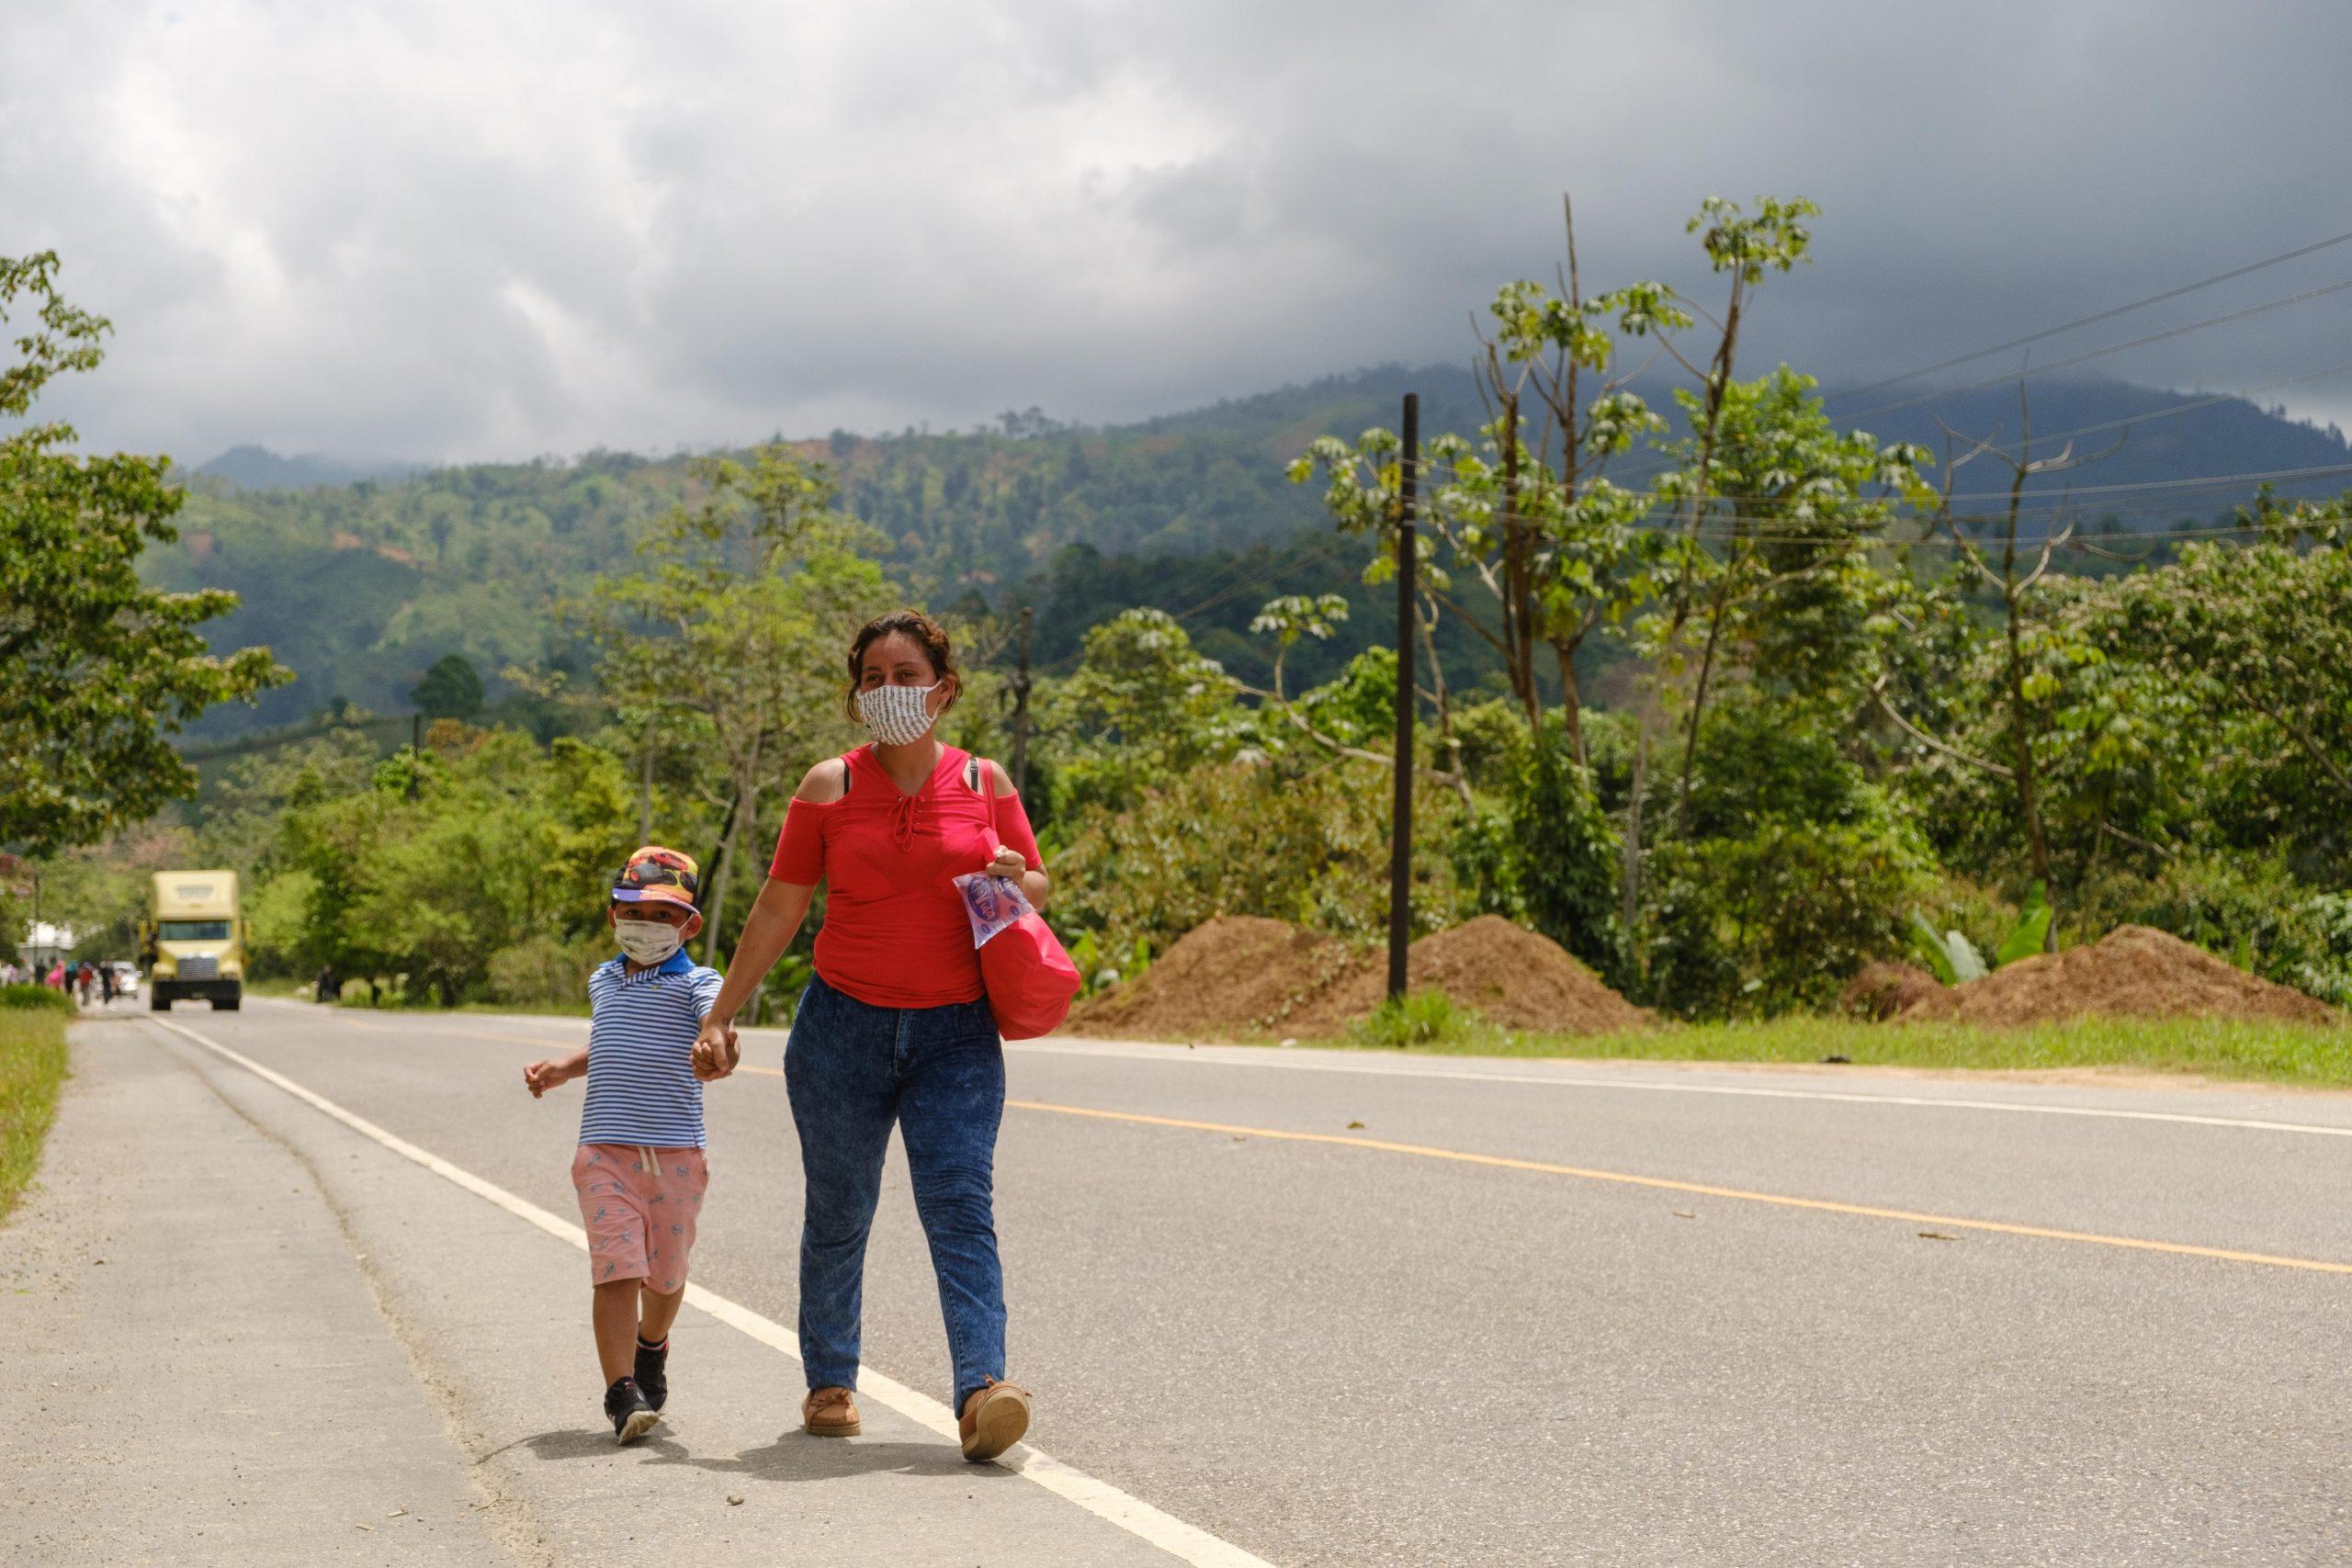 Una mujer camina junto a su hijo, a dos kilómetros antes de llegar a la aduana de Corinto, Frontera con Guatemala.